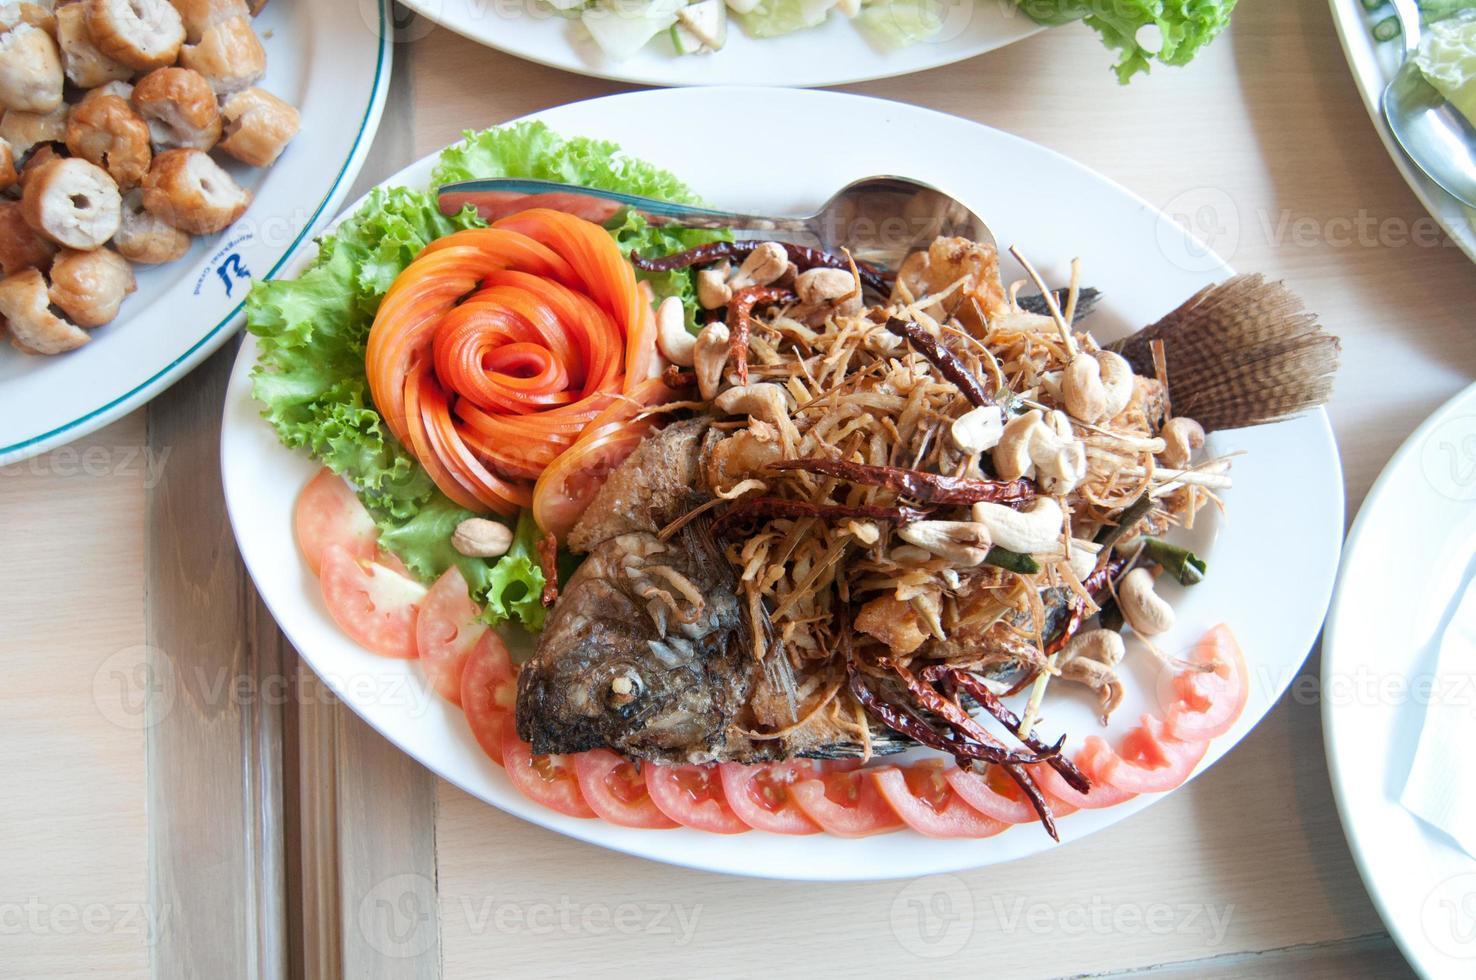 nourriture thaïe poisson frit avec accompagnement aux herbes photo